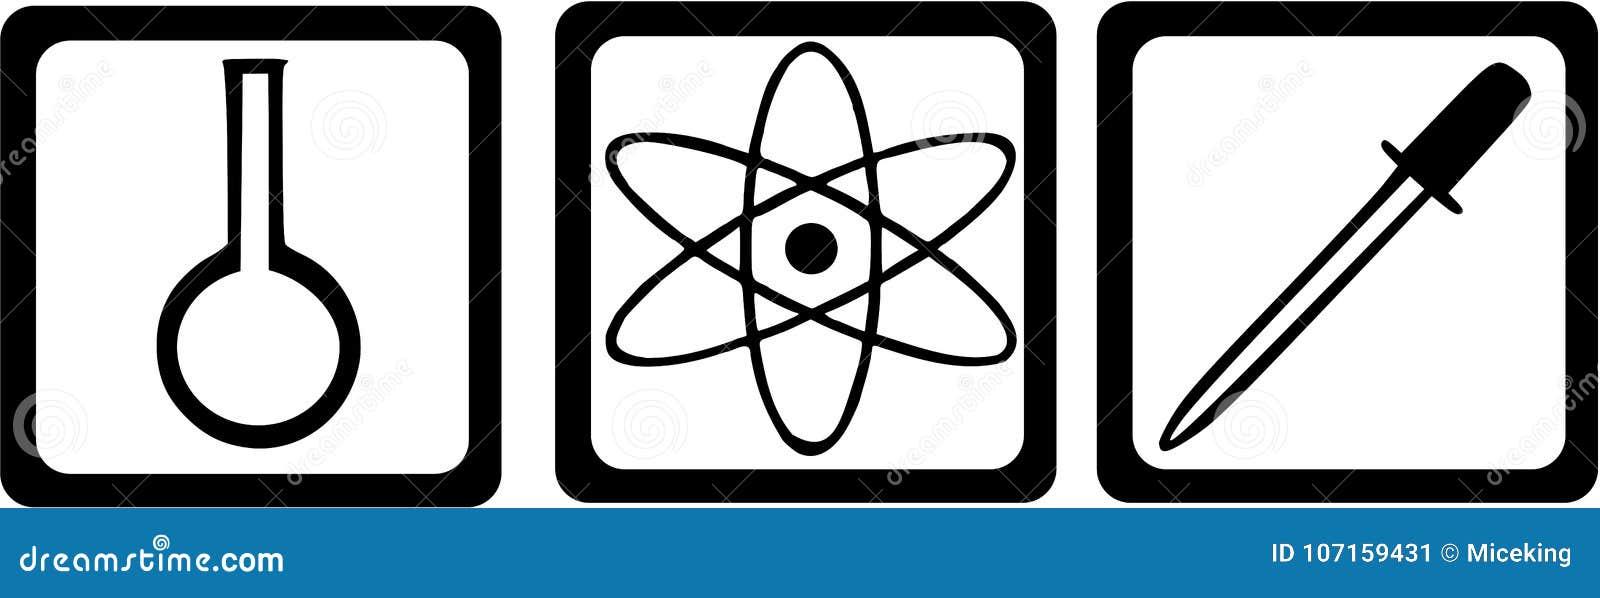 Chemik chemii laboratorium